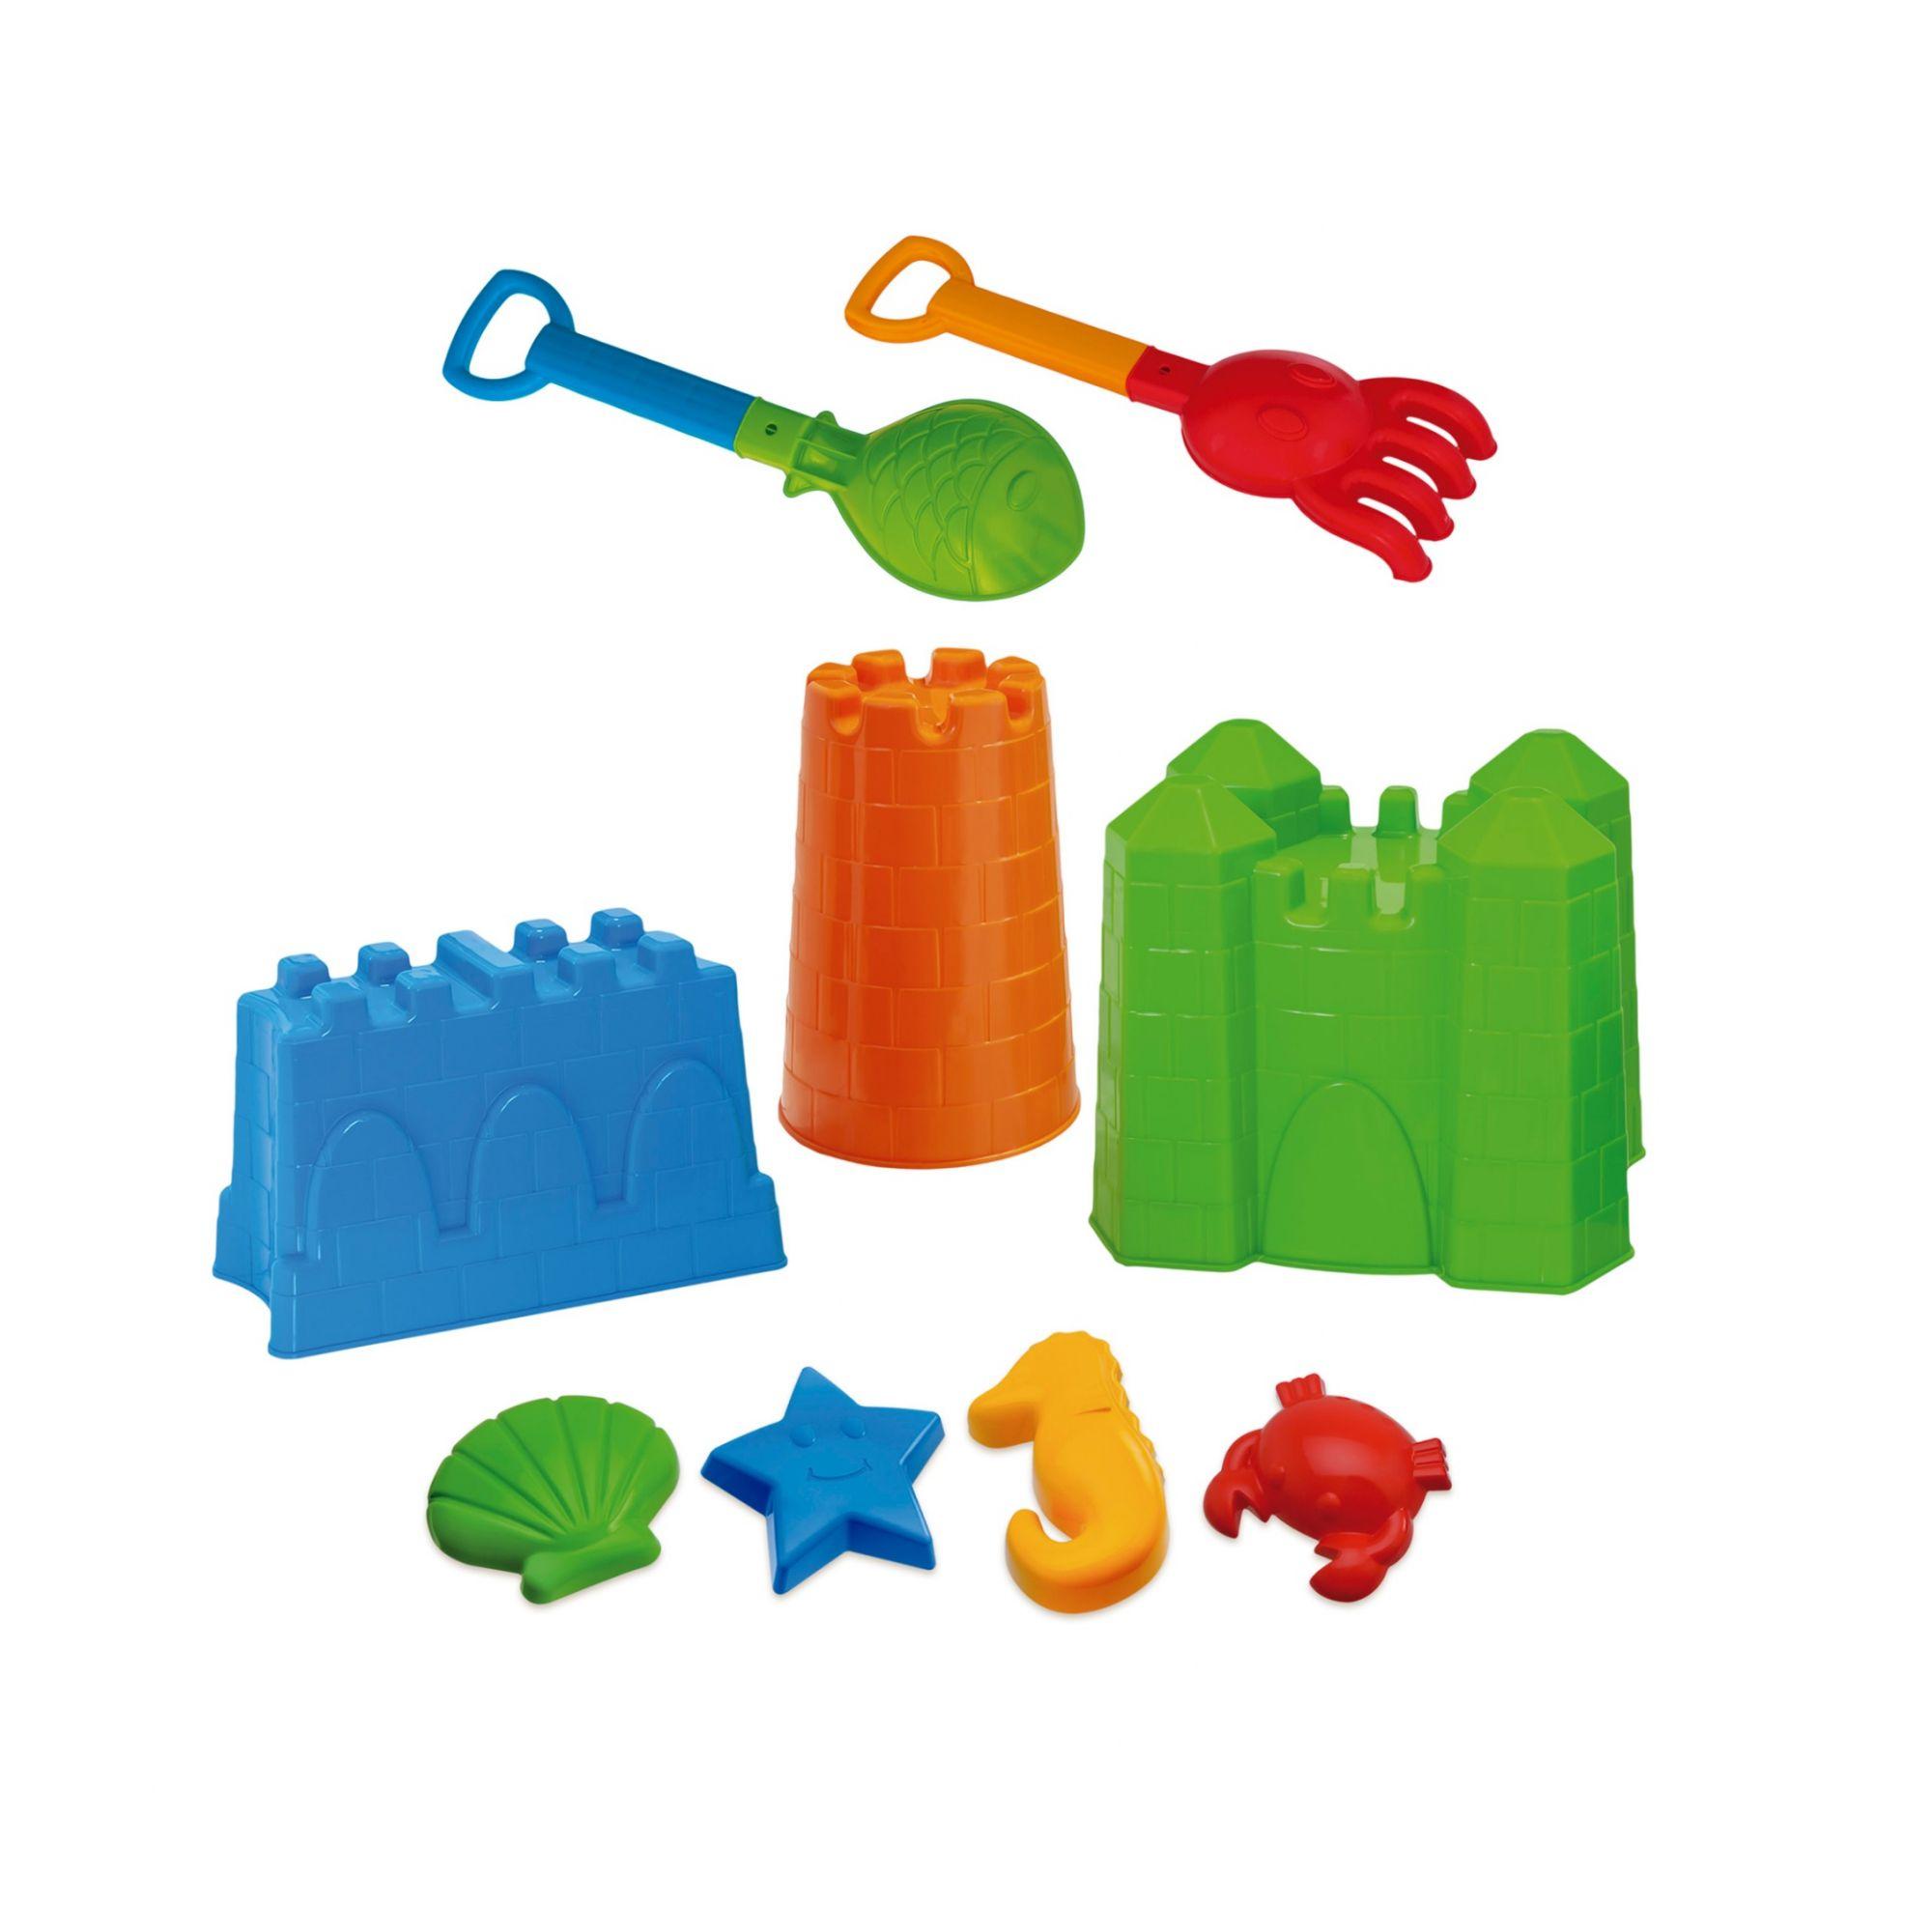 Castelo Completo Beach Play Sortidos - Usual Brinquedos